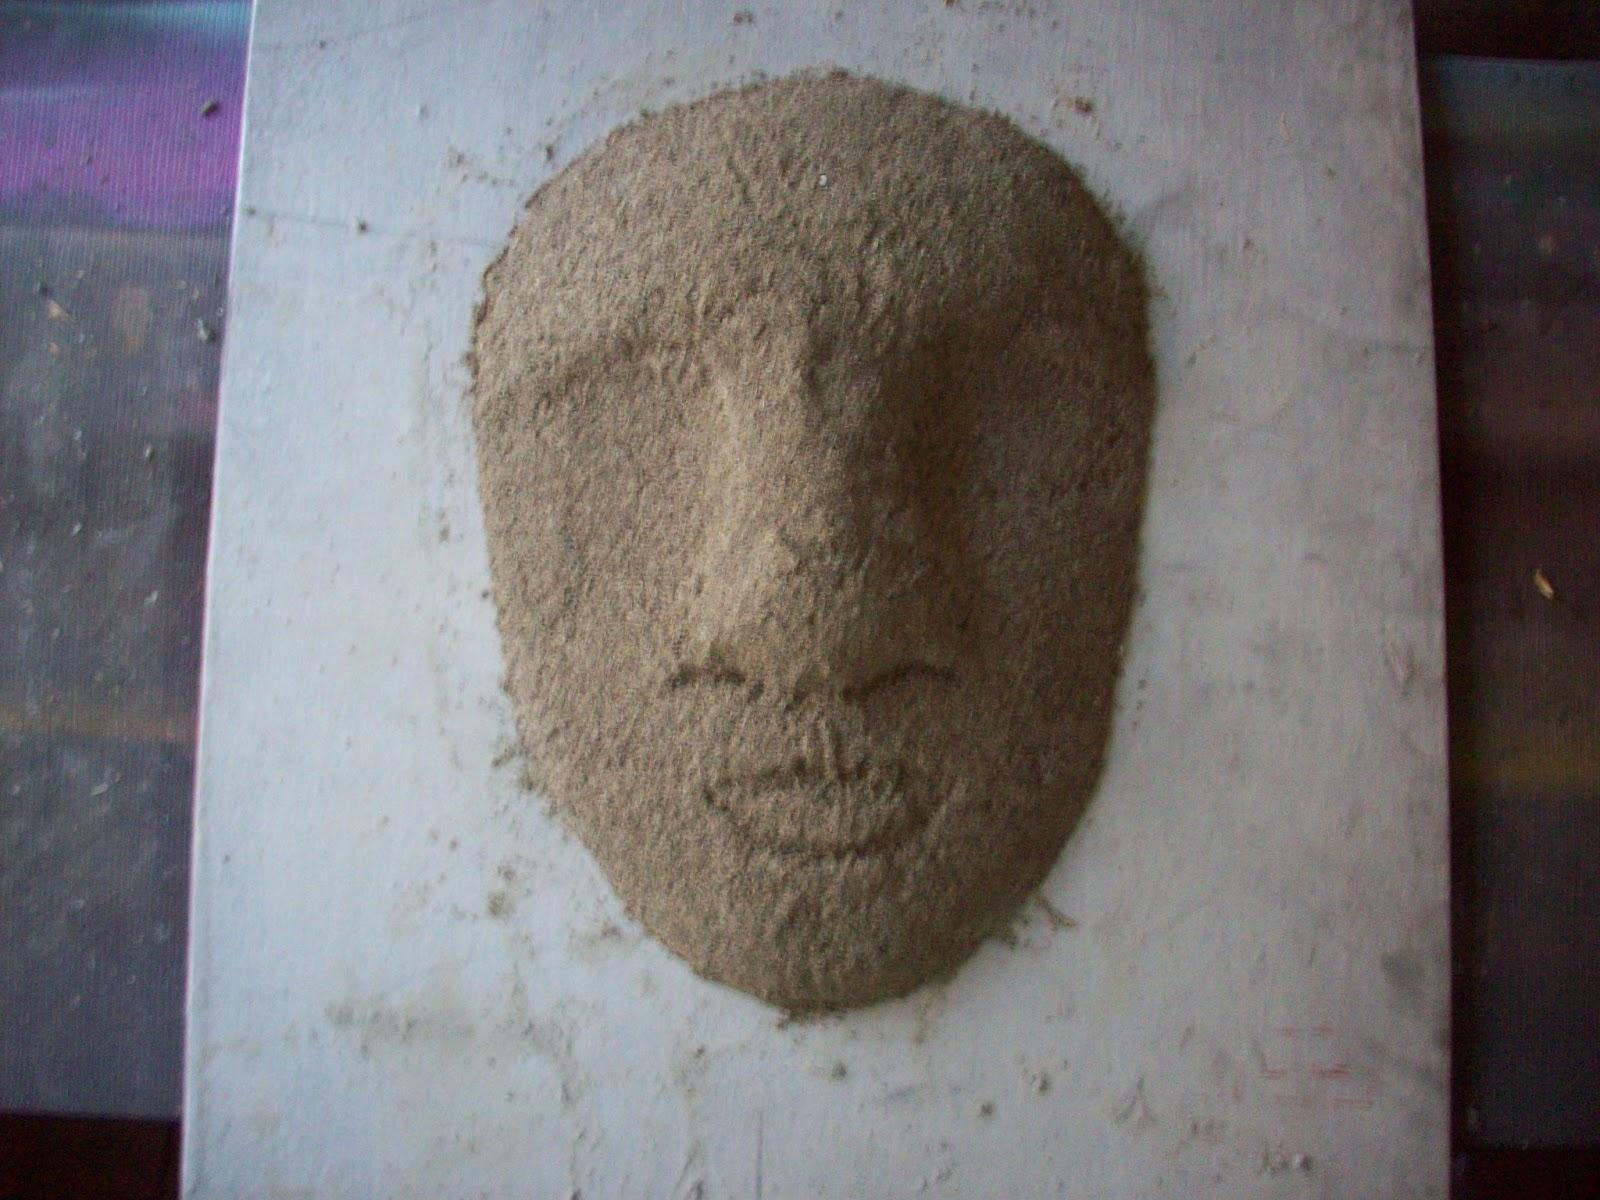 La máscara para las manchas a la persona